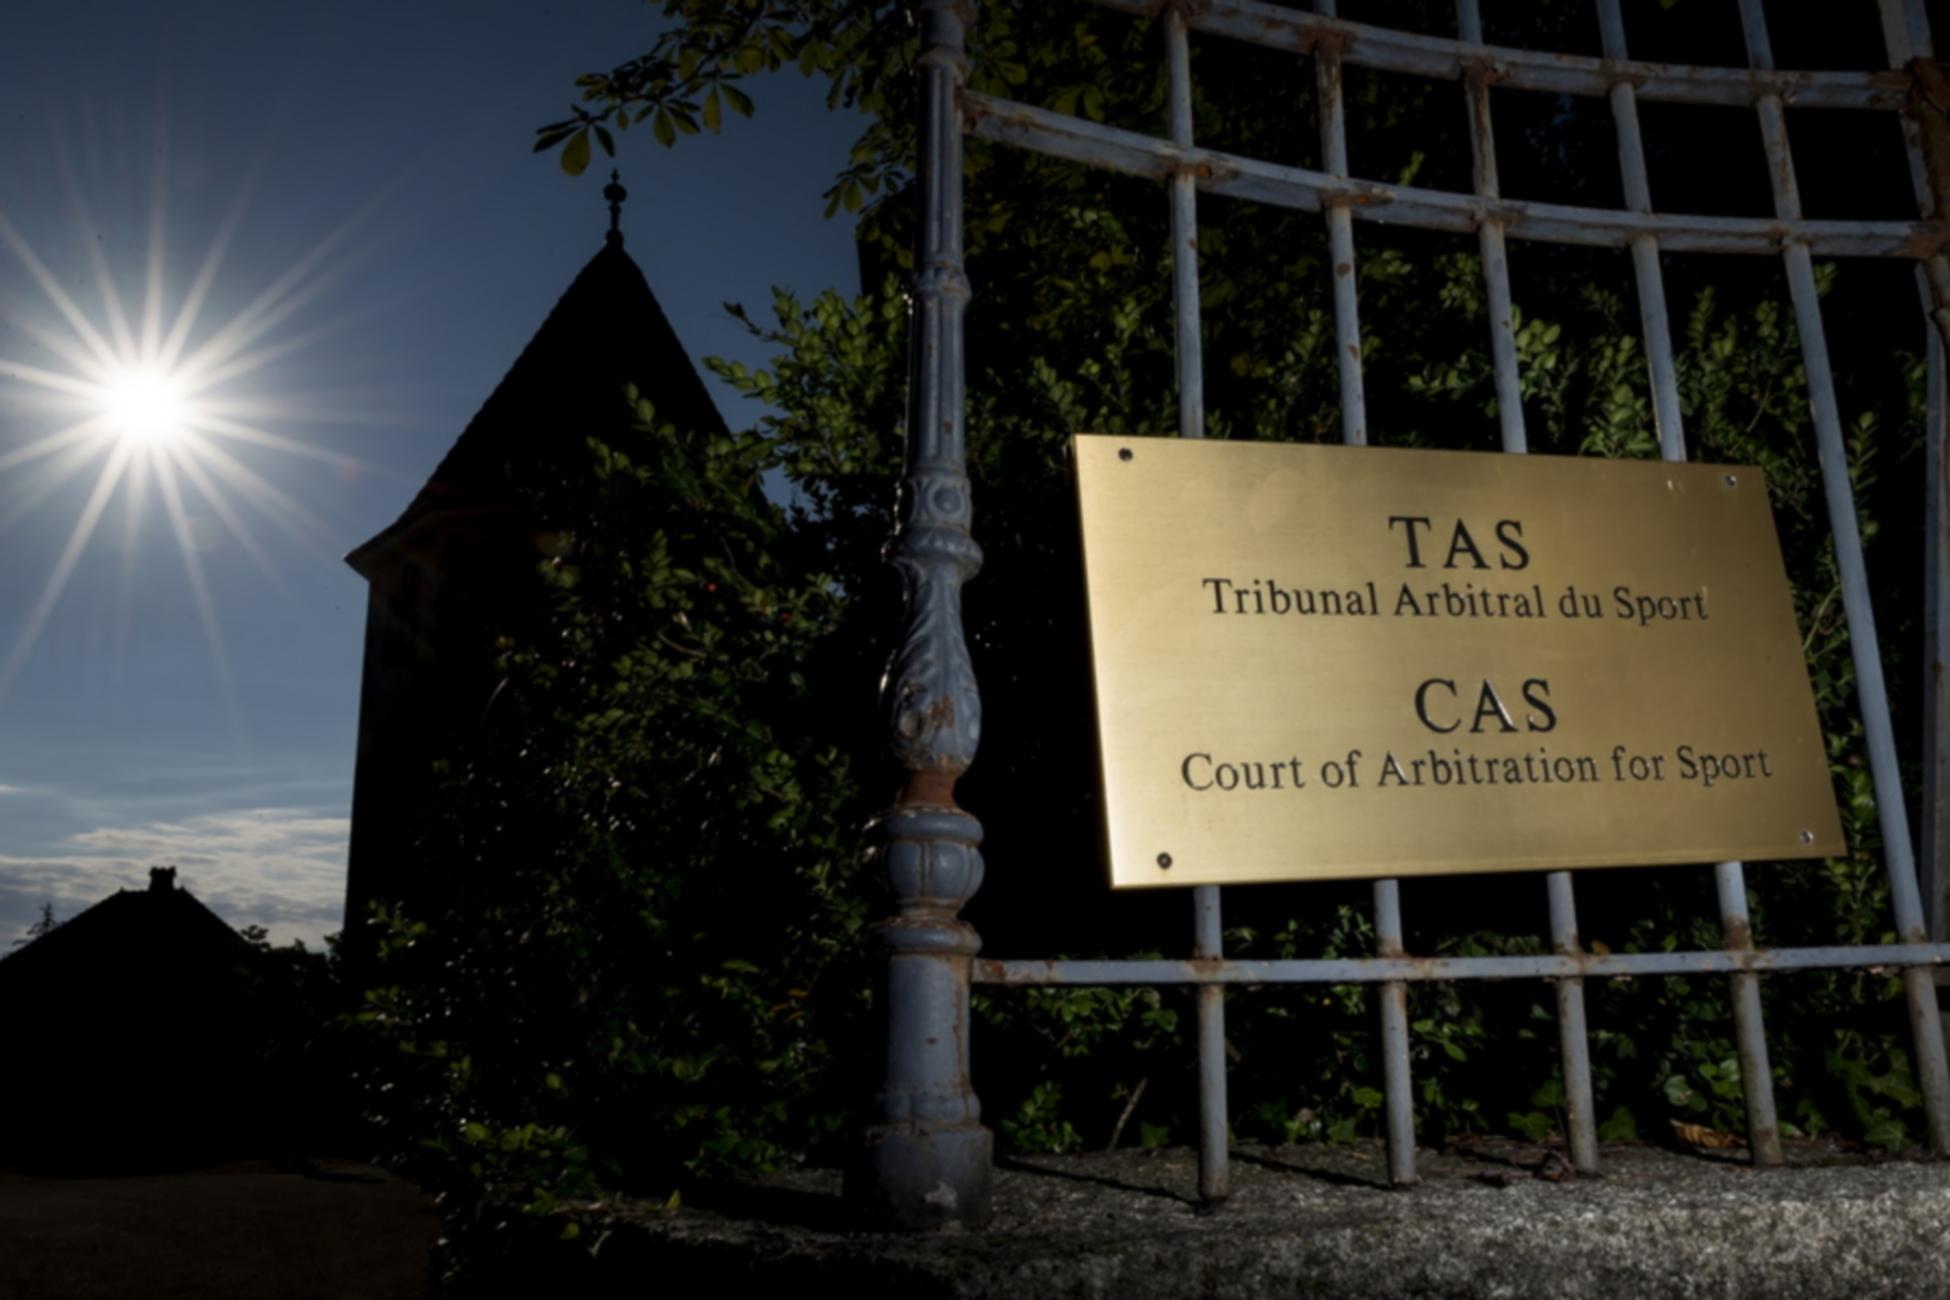 Ολυμπιακός – ΠΑΟΚ: Το CAS αρνήθηκε την κατάθεση νέων υπομνημάτων